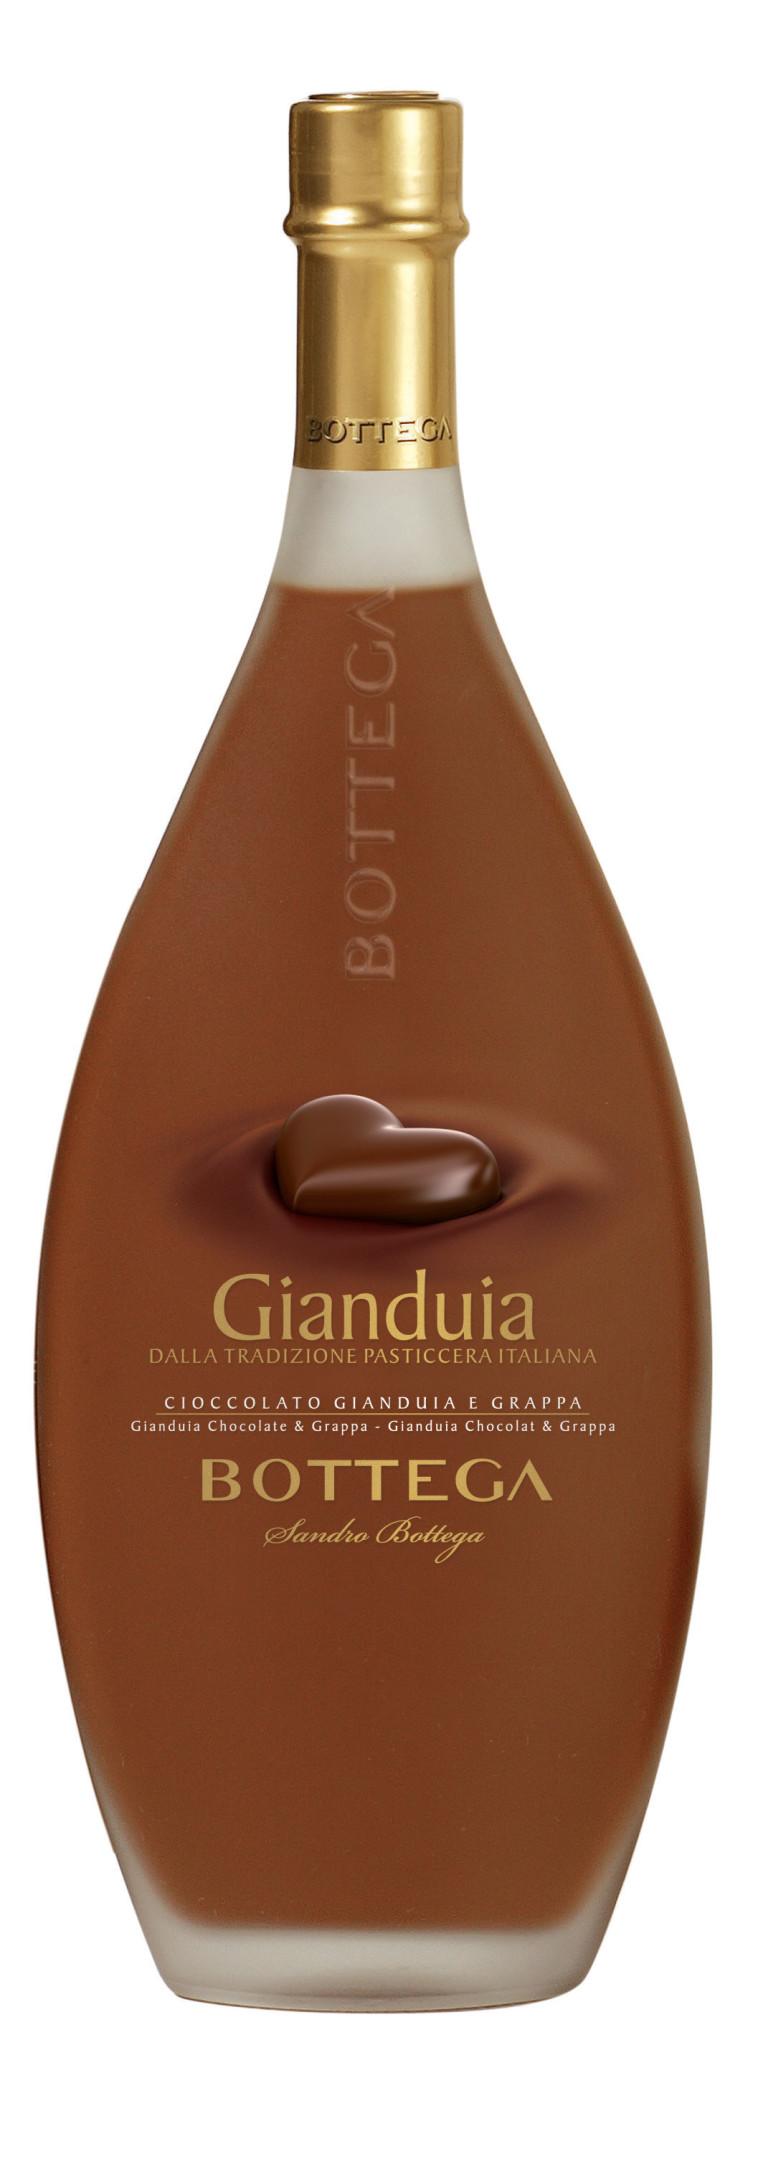 ליקר שוקולד בוטגה (צילום: יח''צ)